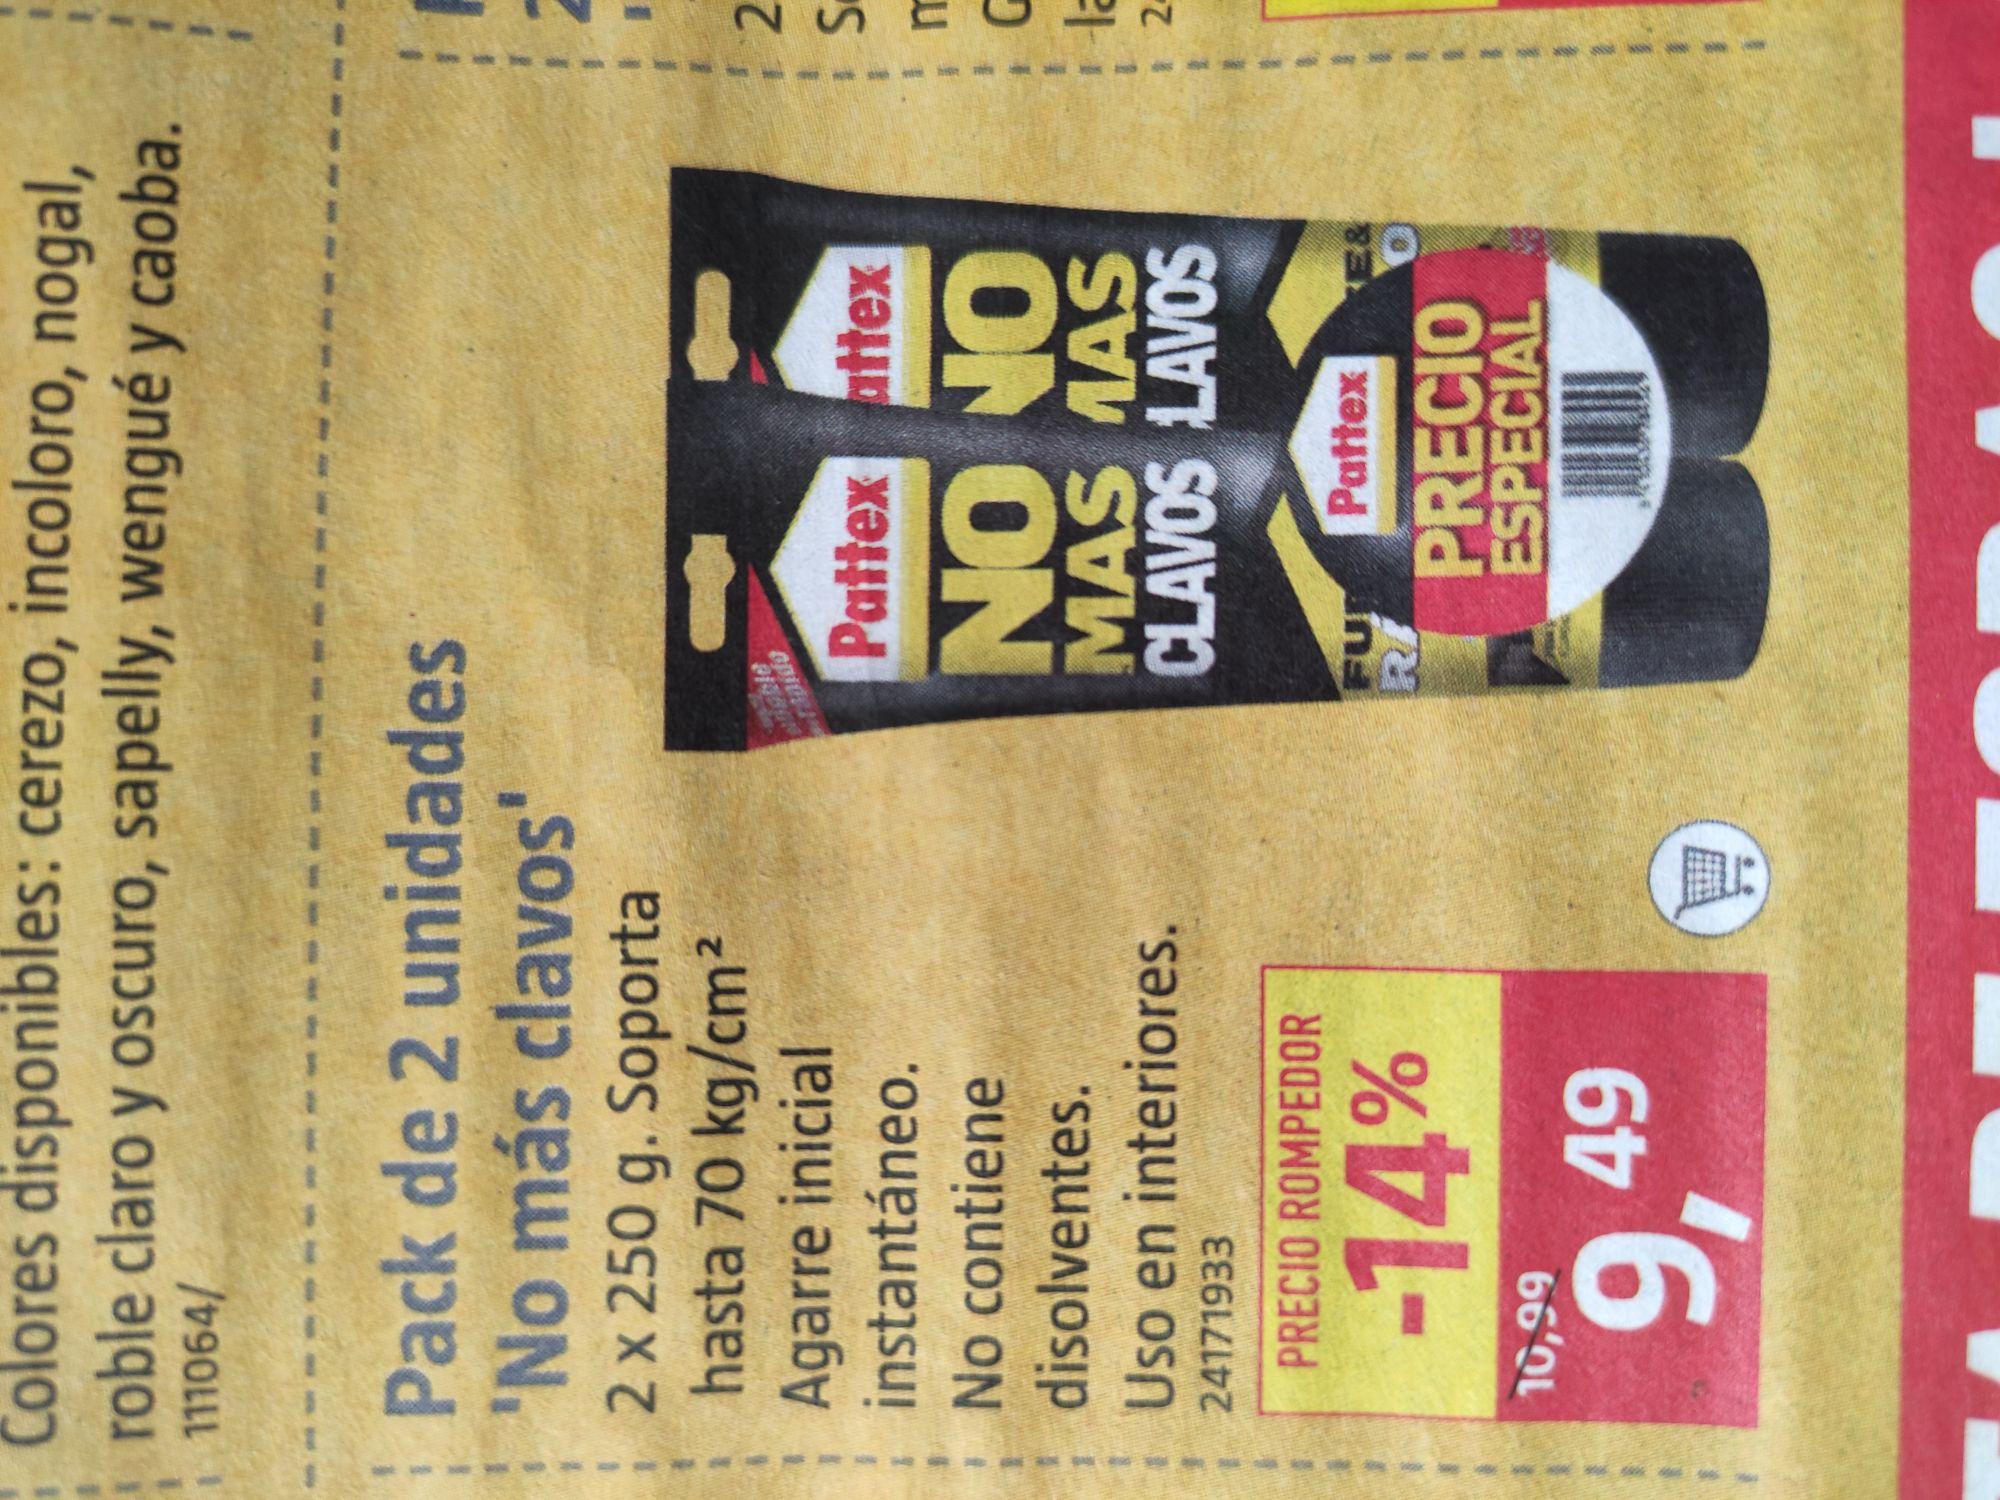 Pattex Adhesivo para montaje pack en tubo No más clavos